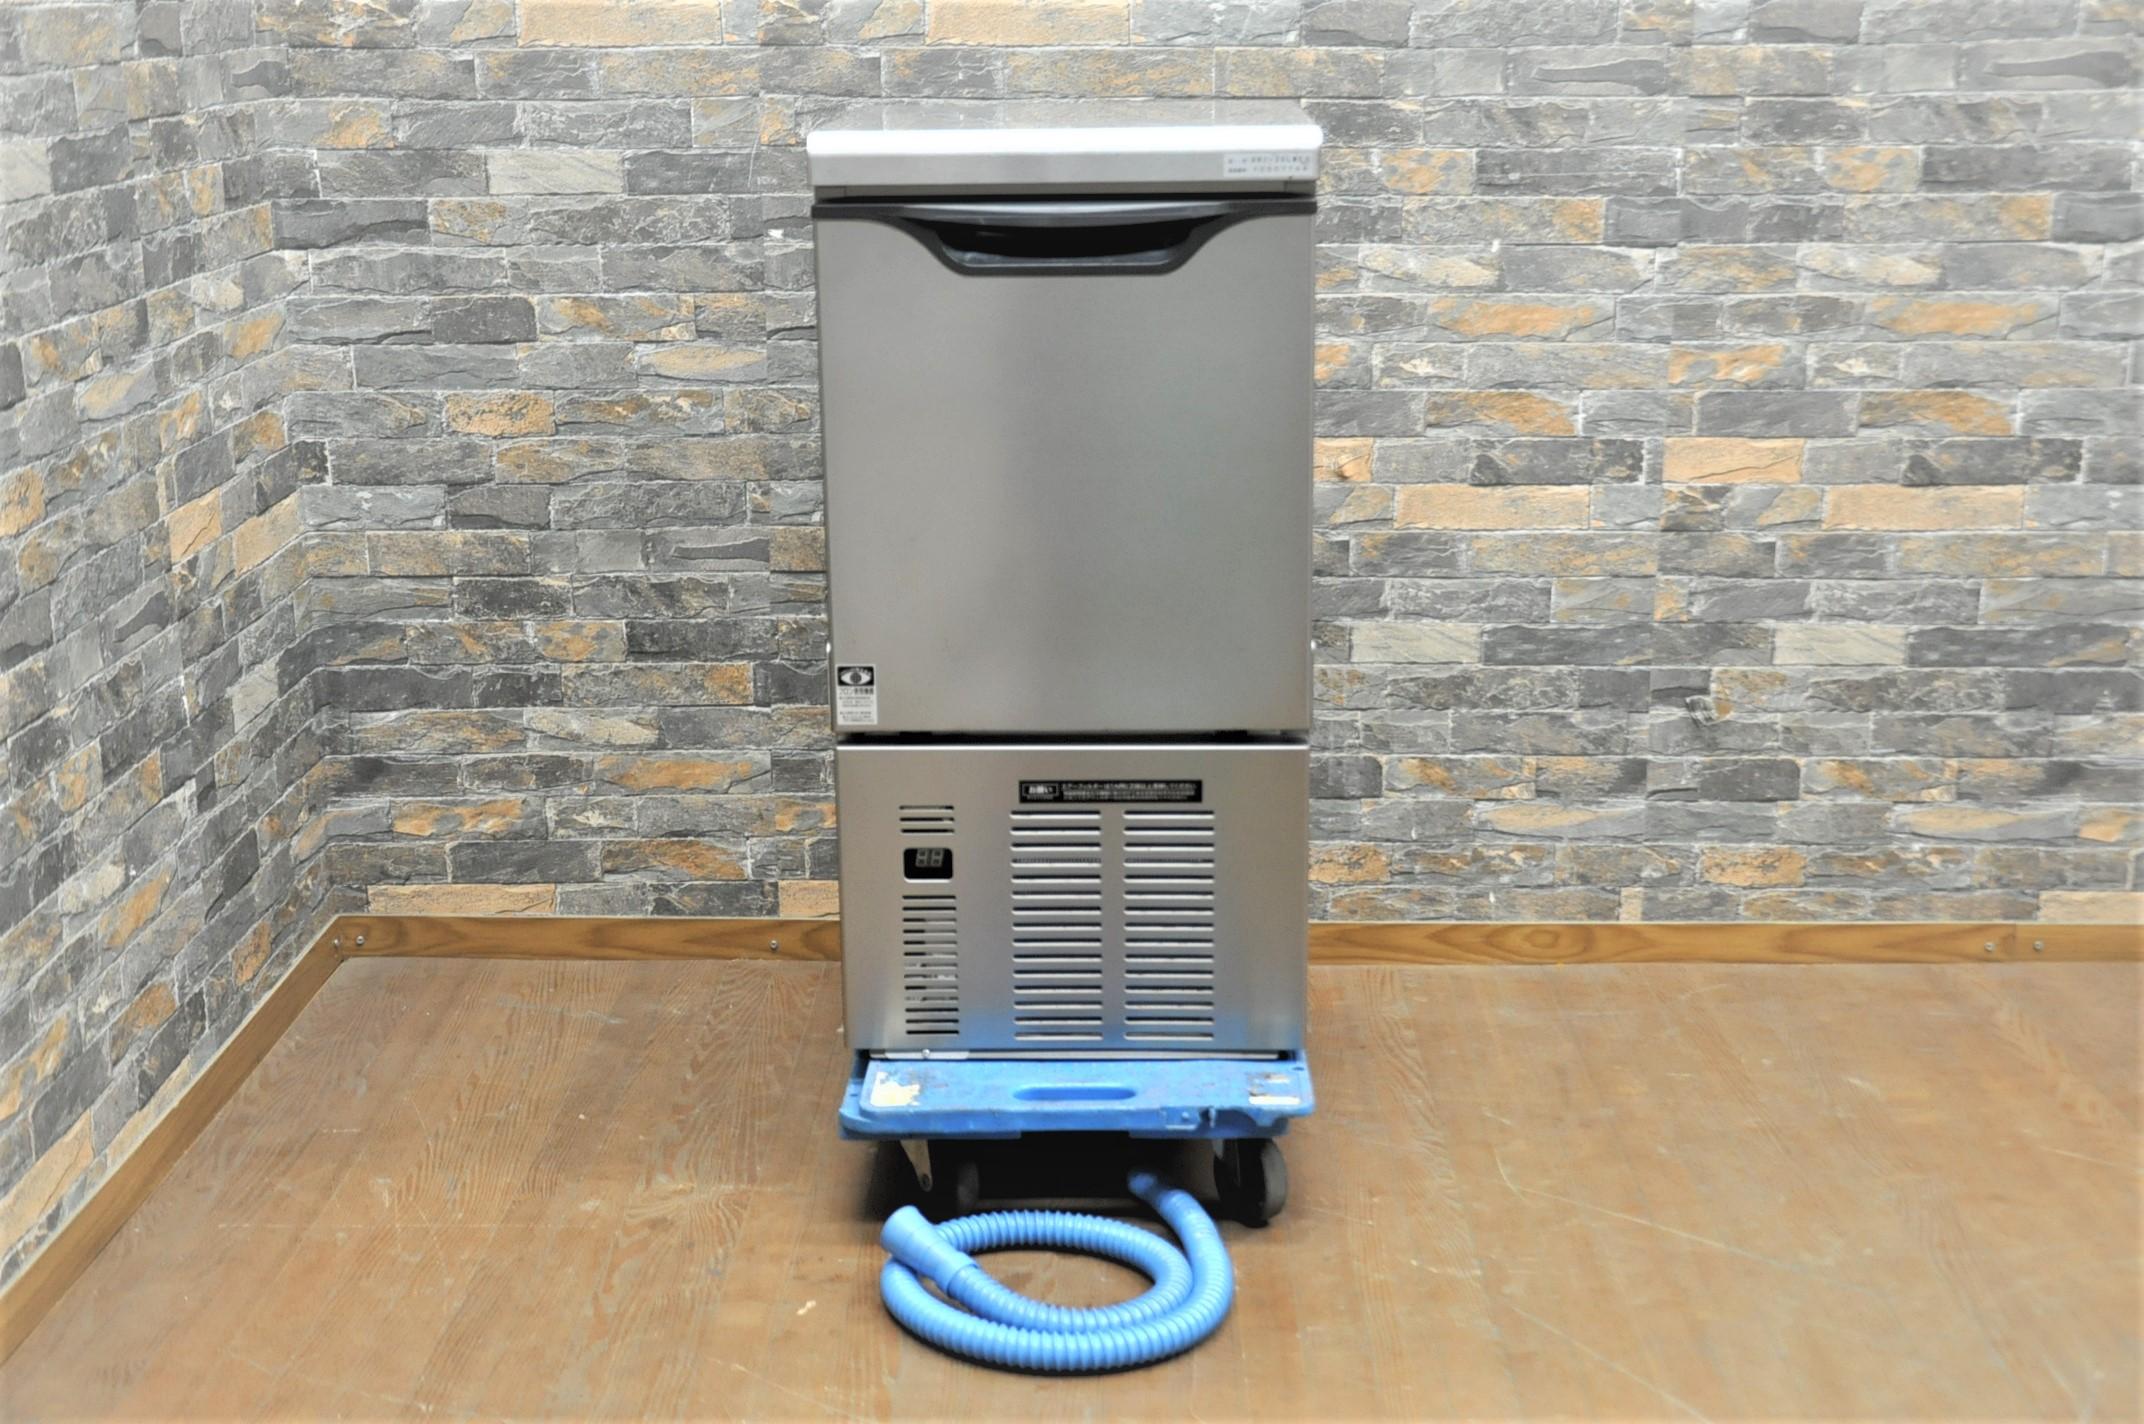 Daiwa ダイワ 全自動製氷機 DRI-25LME1 2017年製 キューブアイスを買い取りました!(^_-)-☆